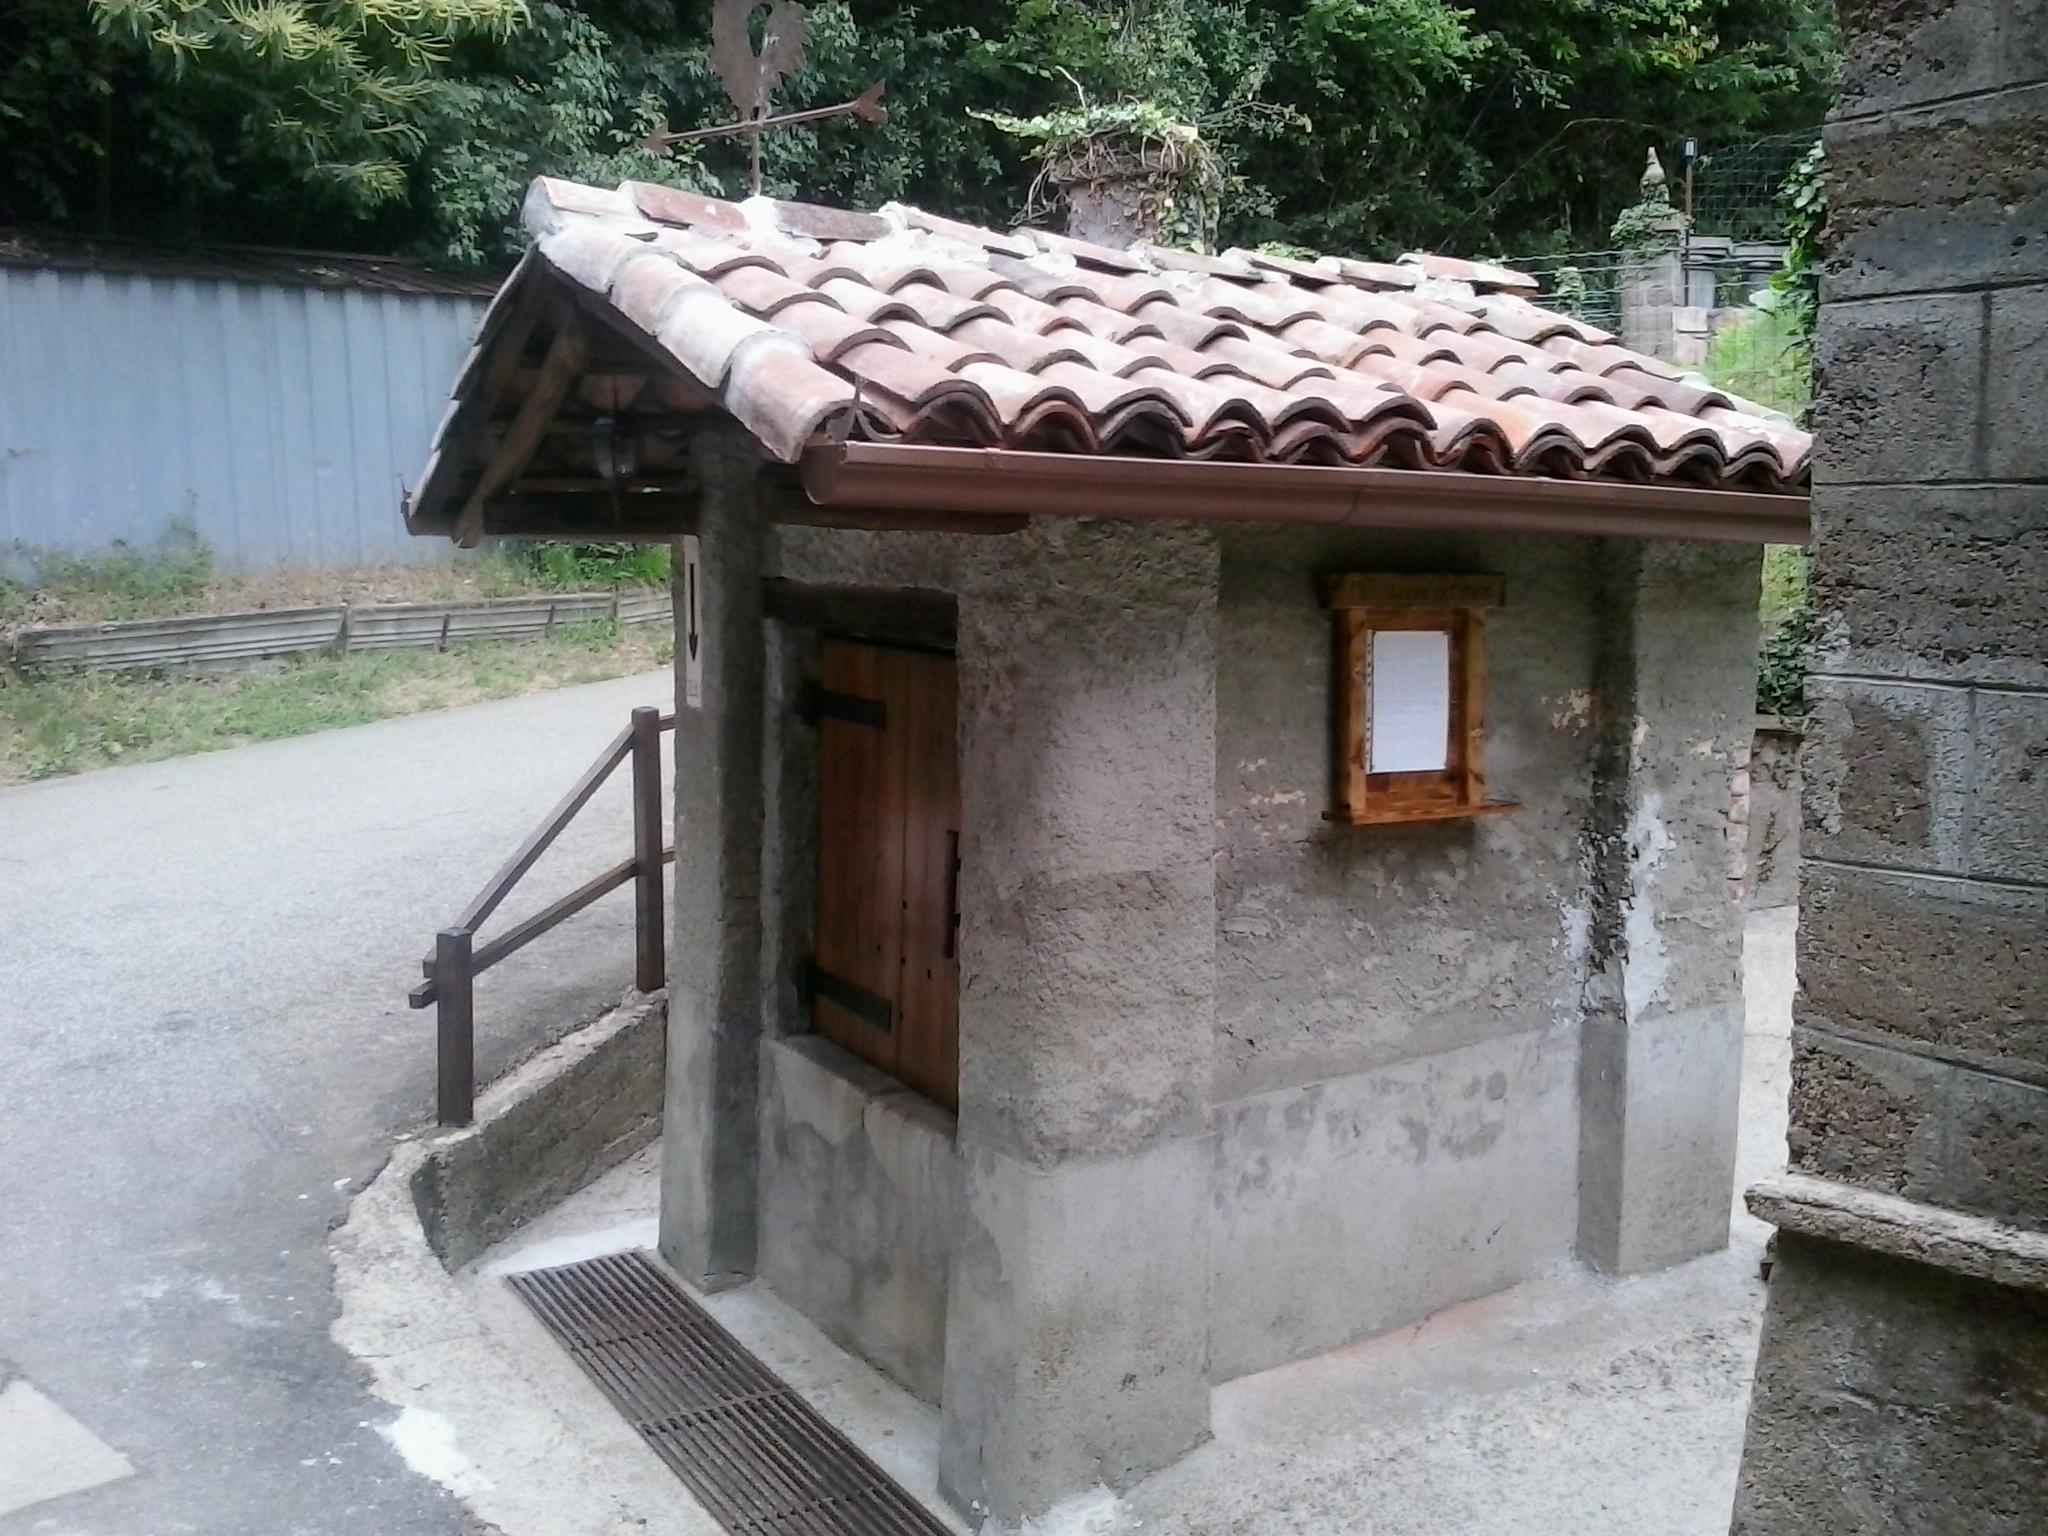 http://www.energialternativa.info/public/newforum/ForumEA/U/20120712_184400.jpg